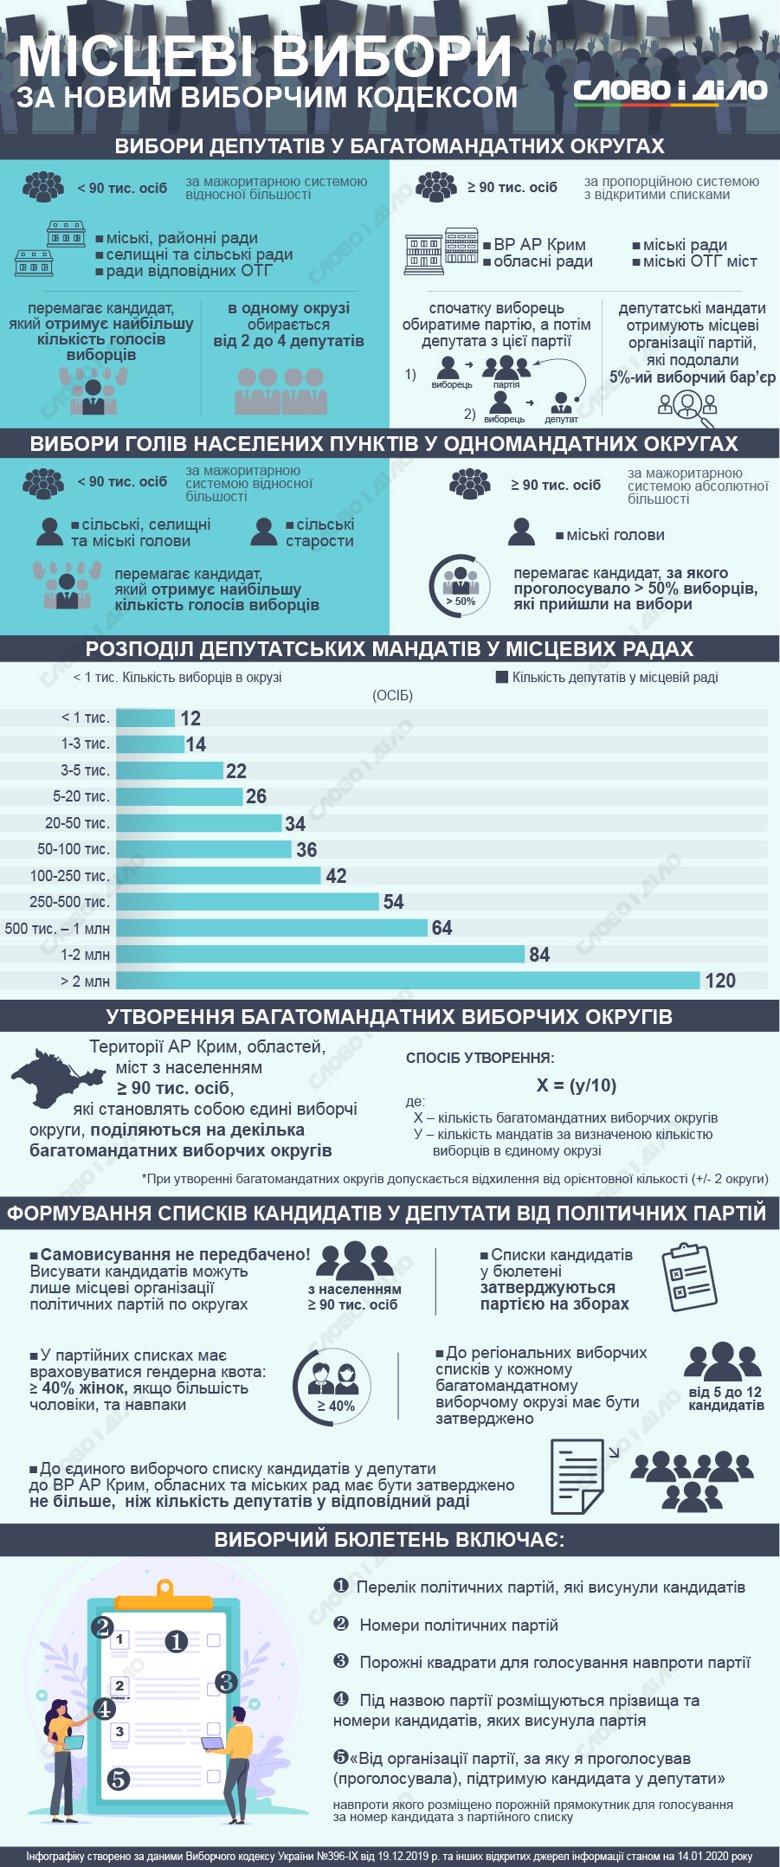 Місцеві вибори в Україні відбудуться восени 2020 року. Слово і Діло розібралося, як вони будуть проходити після набуття чинності Виборчого кодексу.